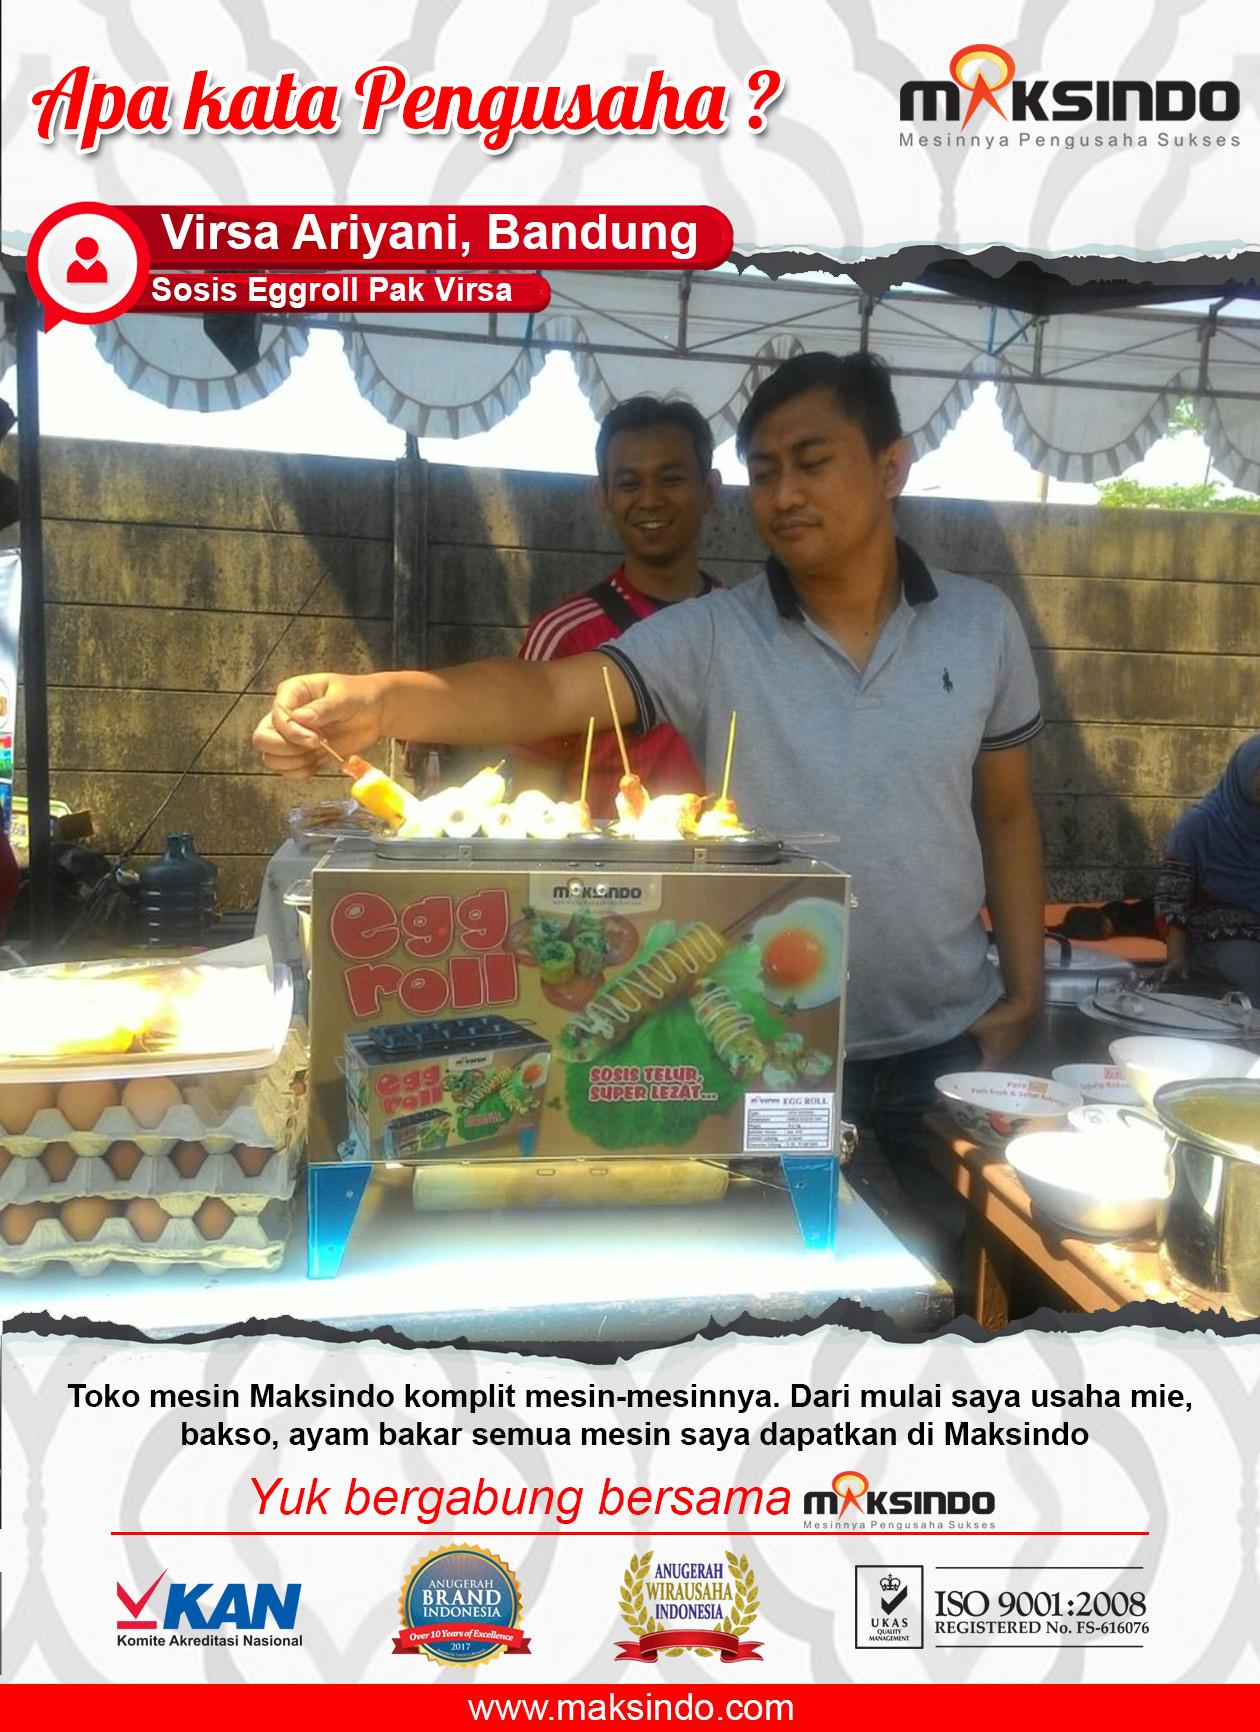 Mesin Egg Roll Sosis Telur Snack Maker 4in1 Listrik-14